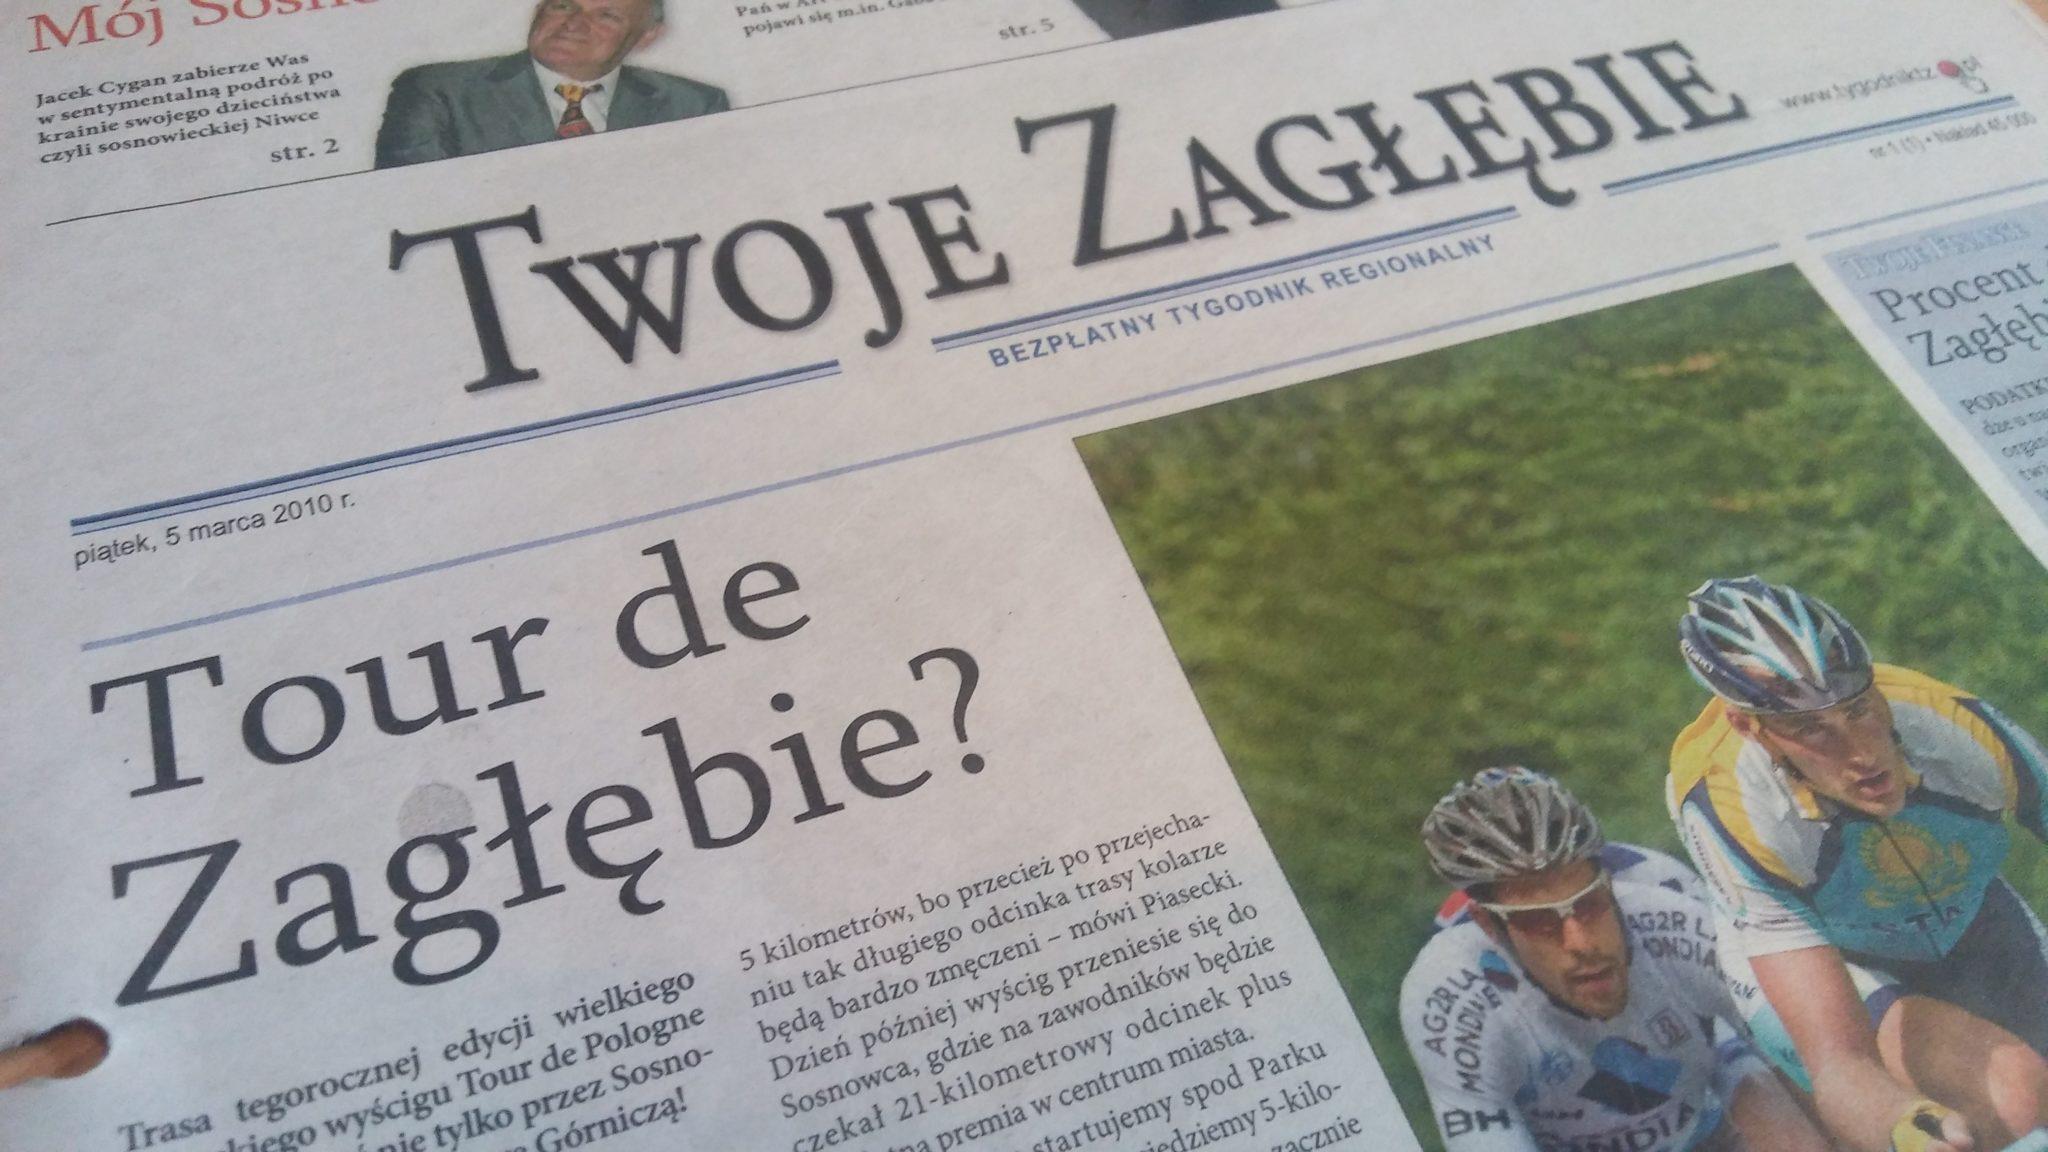 Tygodnik Twoje Zagłębie - fot. Arch. TZ